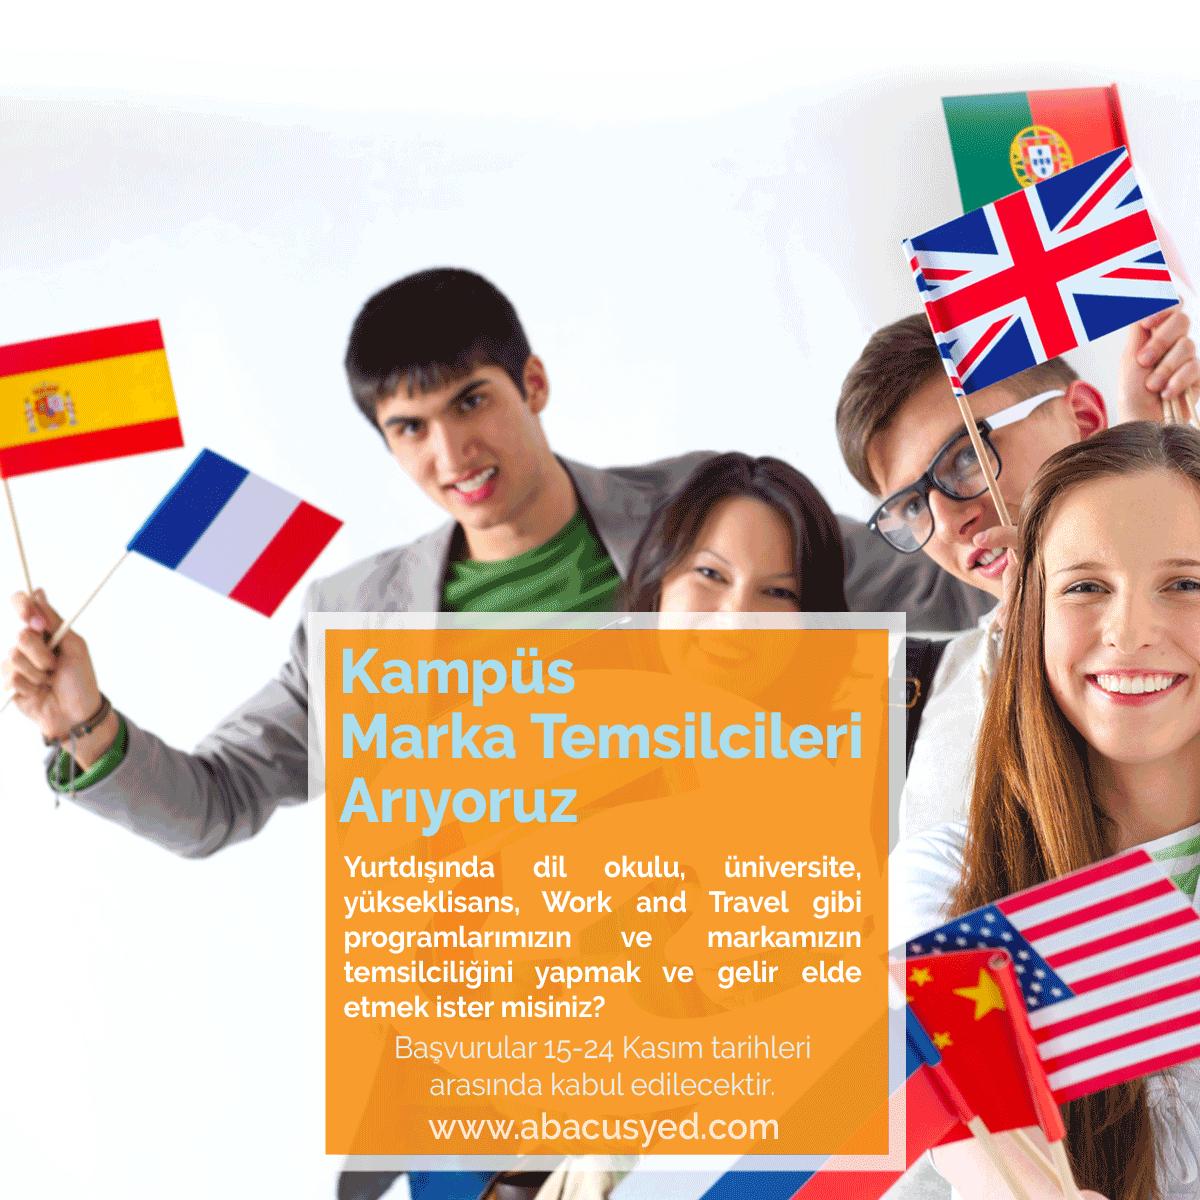 Yurtdışı Eğitim Programları ve Work and Travel, USA Kampüs Marka Temsilcisi